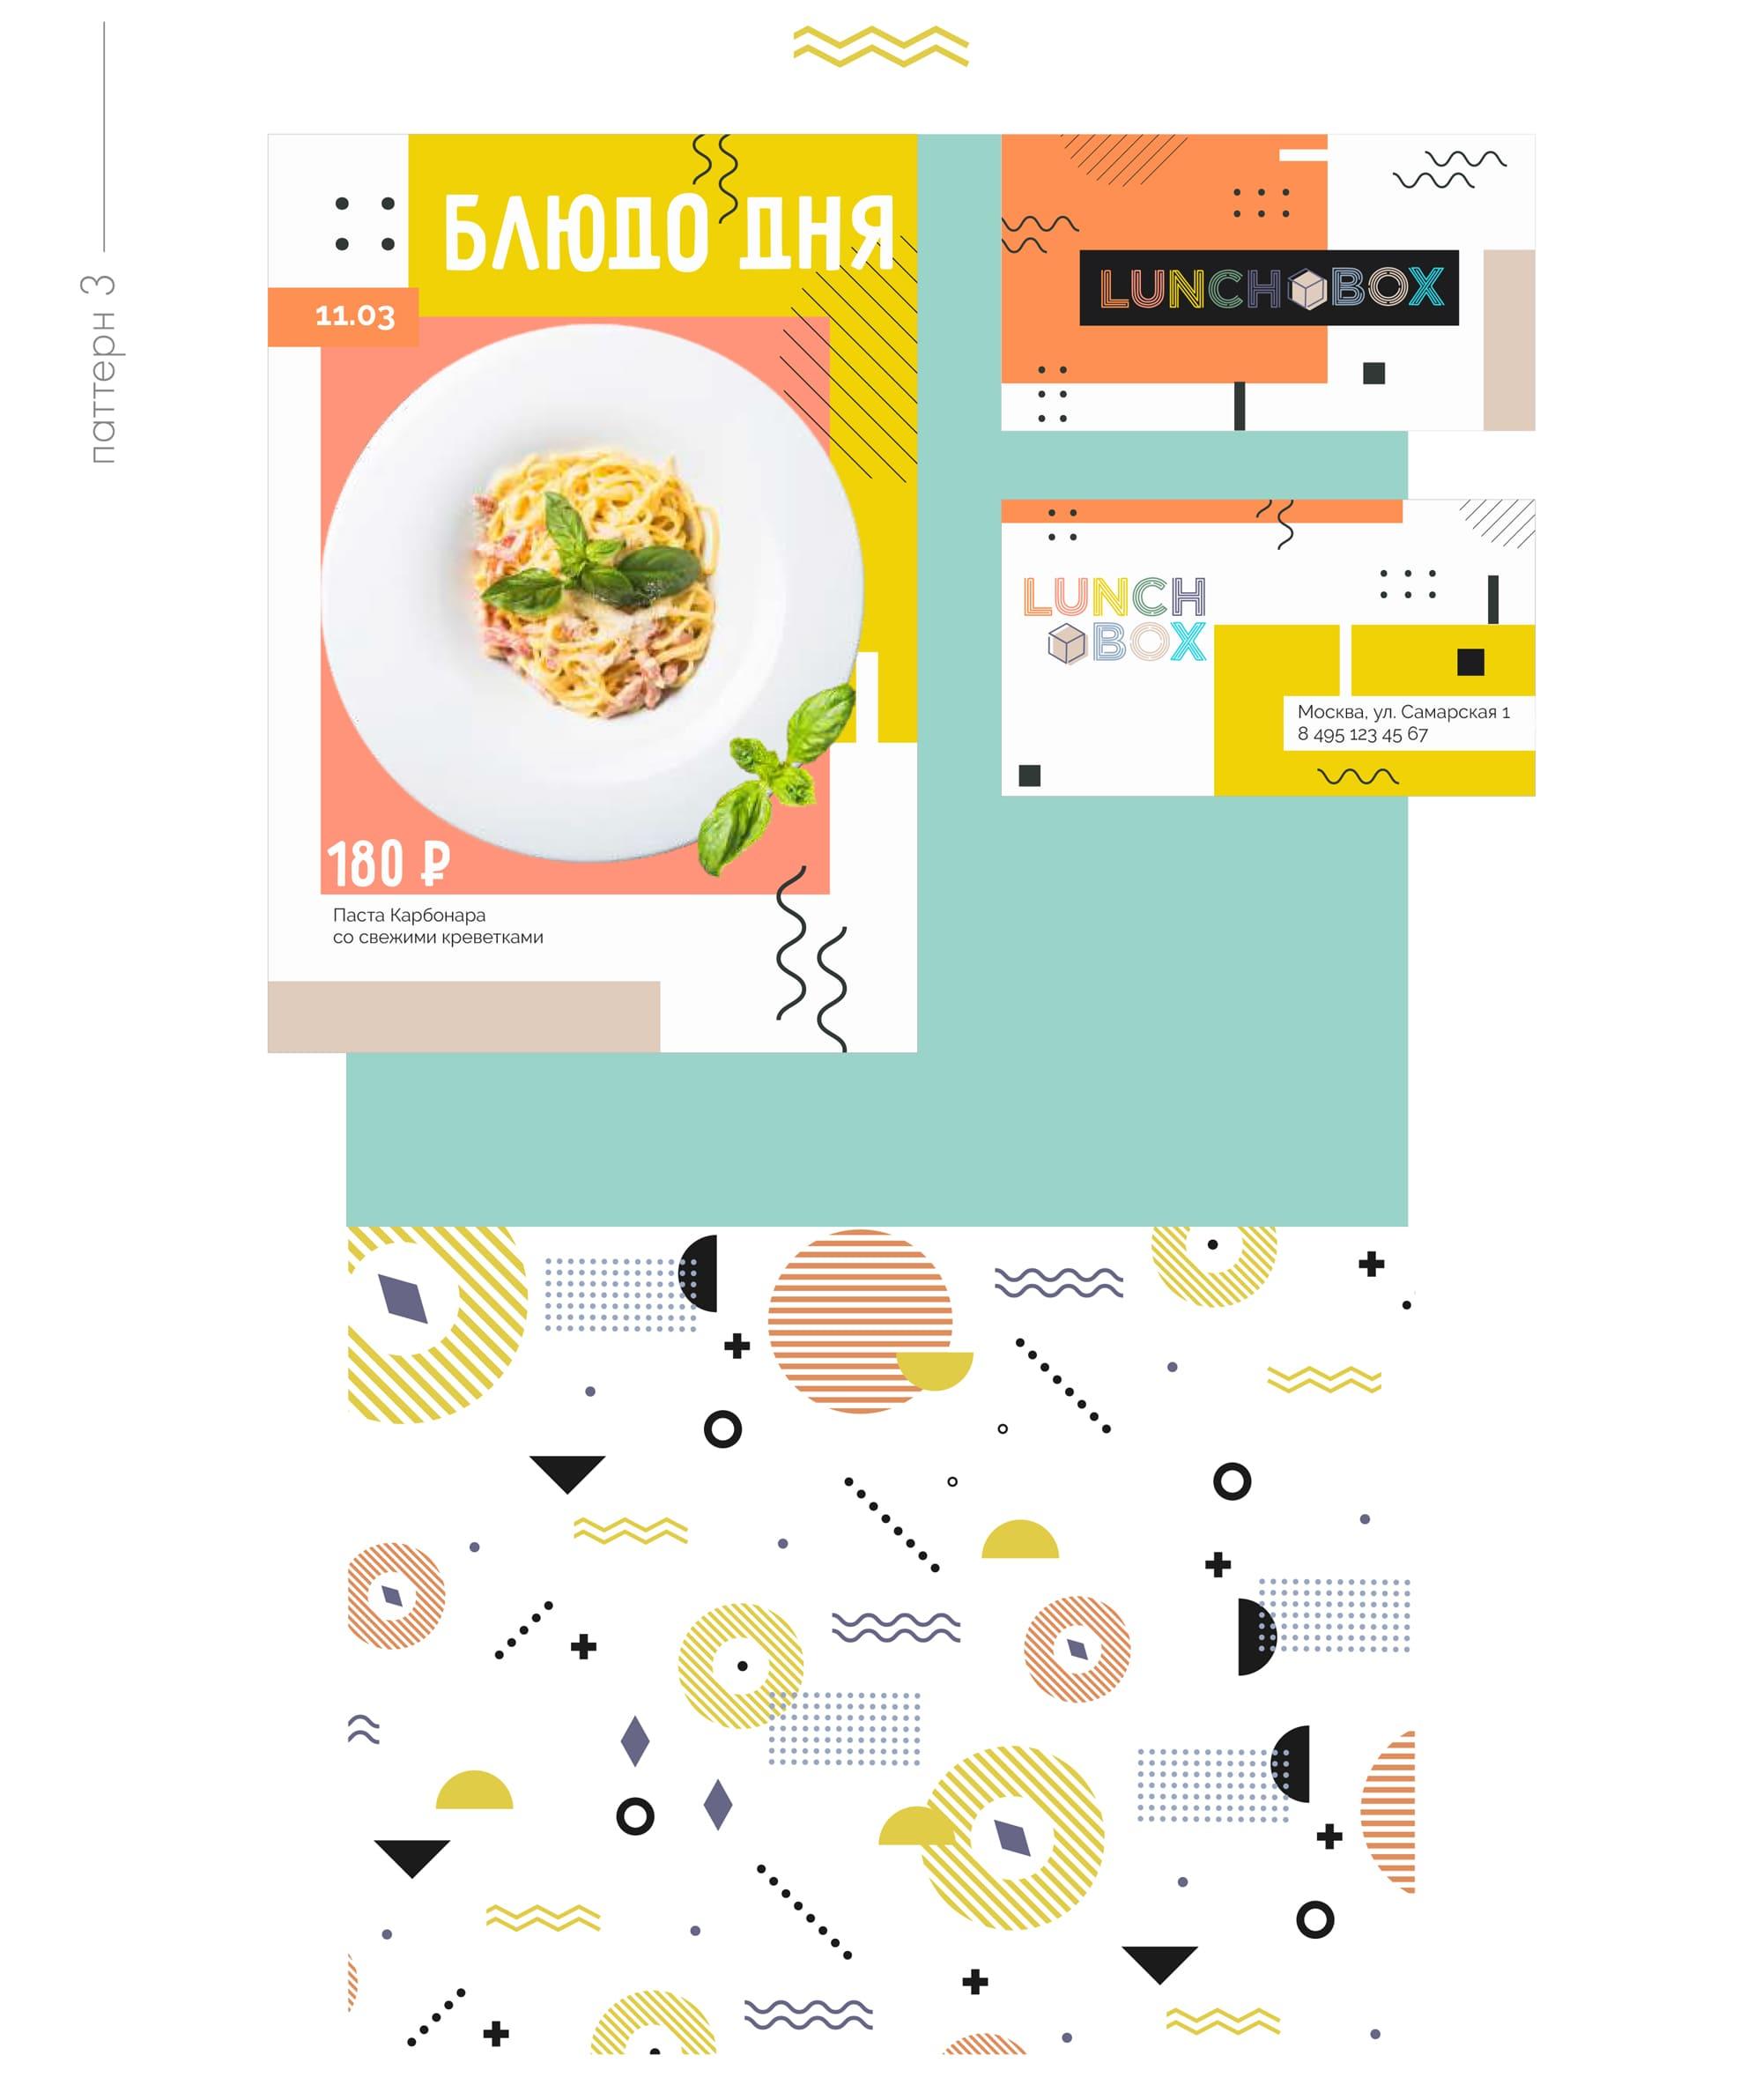 брендинг под ключ для кафе фирменный стиль и дизайн постера